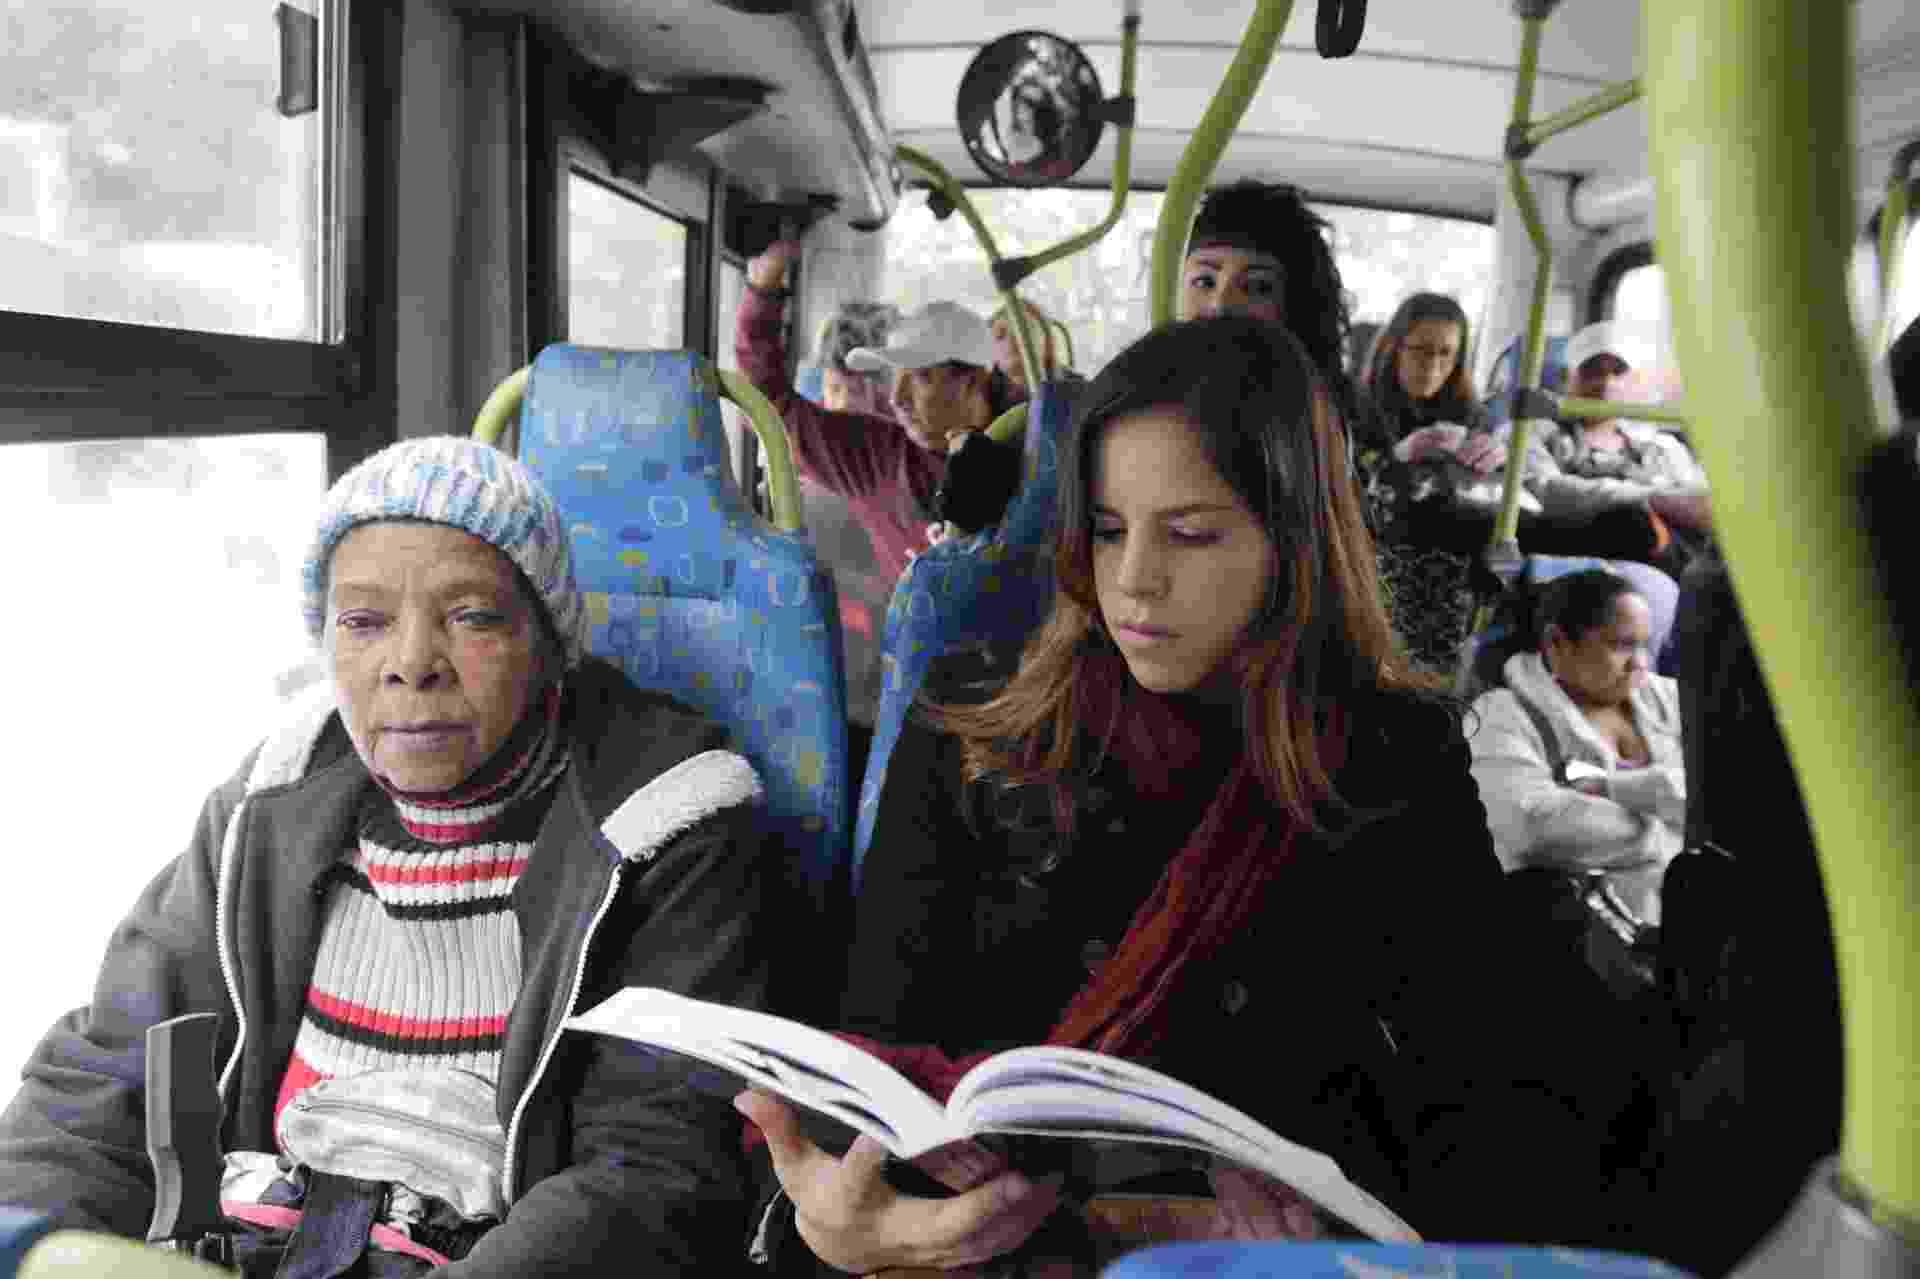 Preparação para Exame da OAB - Quando encontra lugar para sentar no ônibus a caminho do estágio, Carolina Dornela ganha minutos a mais para estudar. Ela precisa chegar ao trabalho até 13h. ?É um ótimo momento para fazer as leituras necessárias.? - Reinaldo Canato/UOL